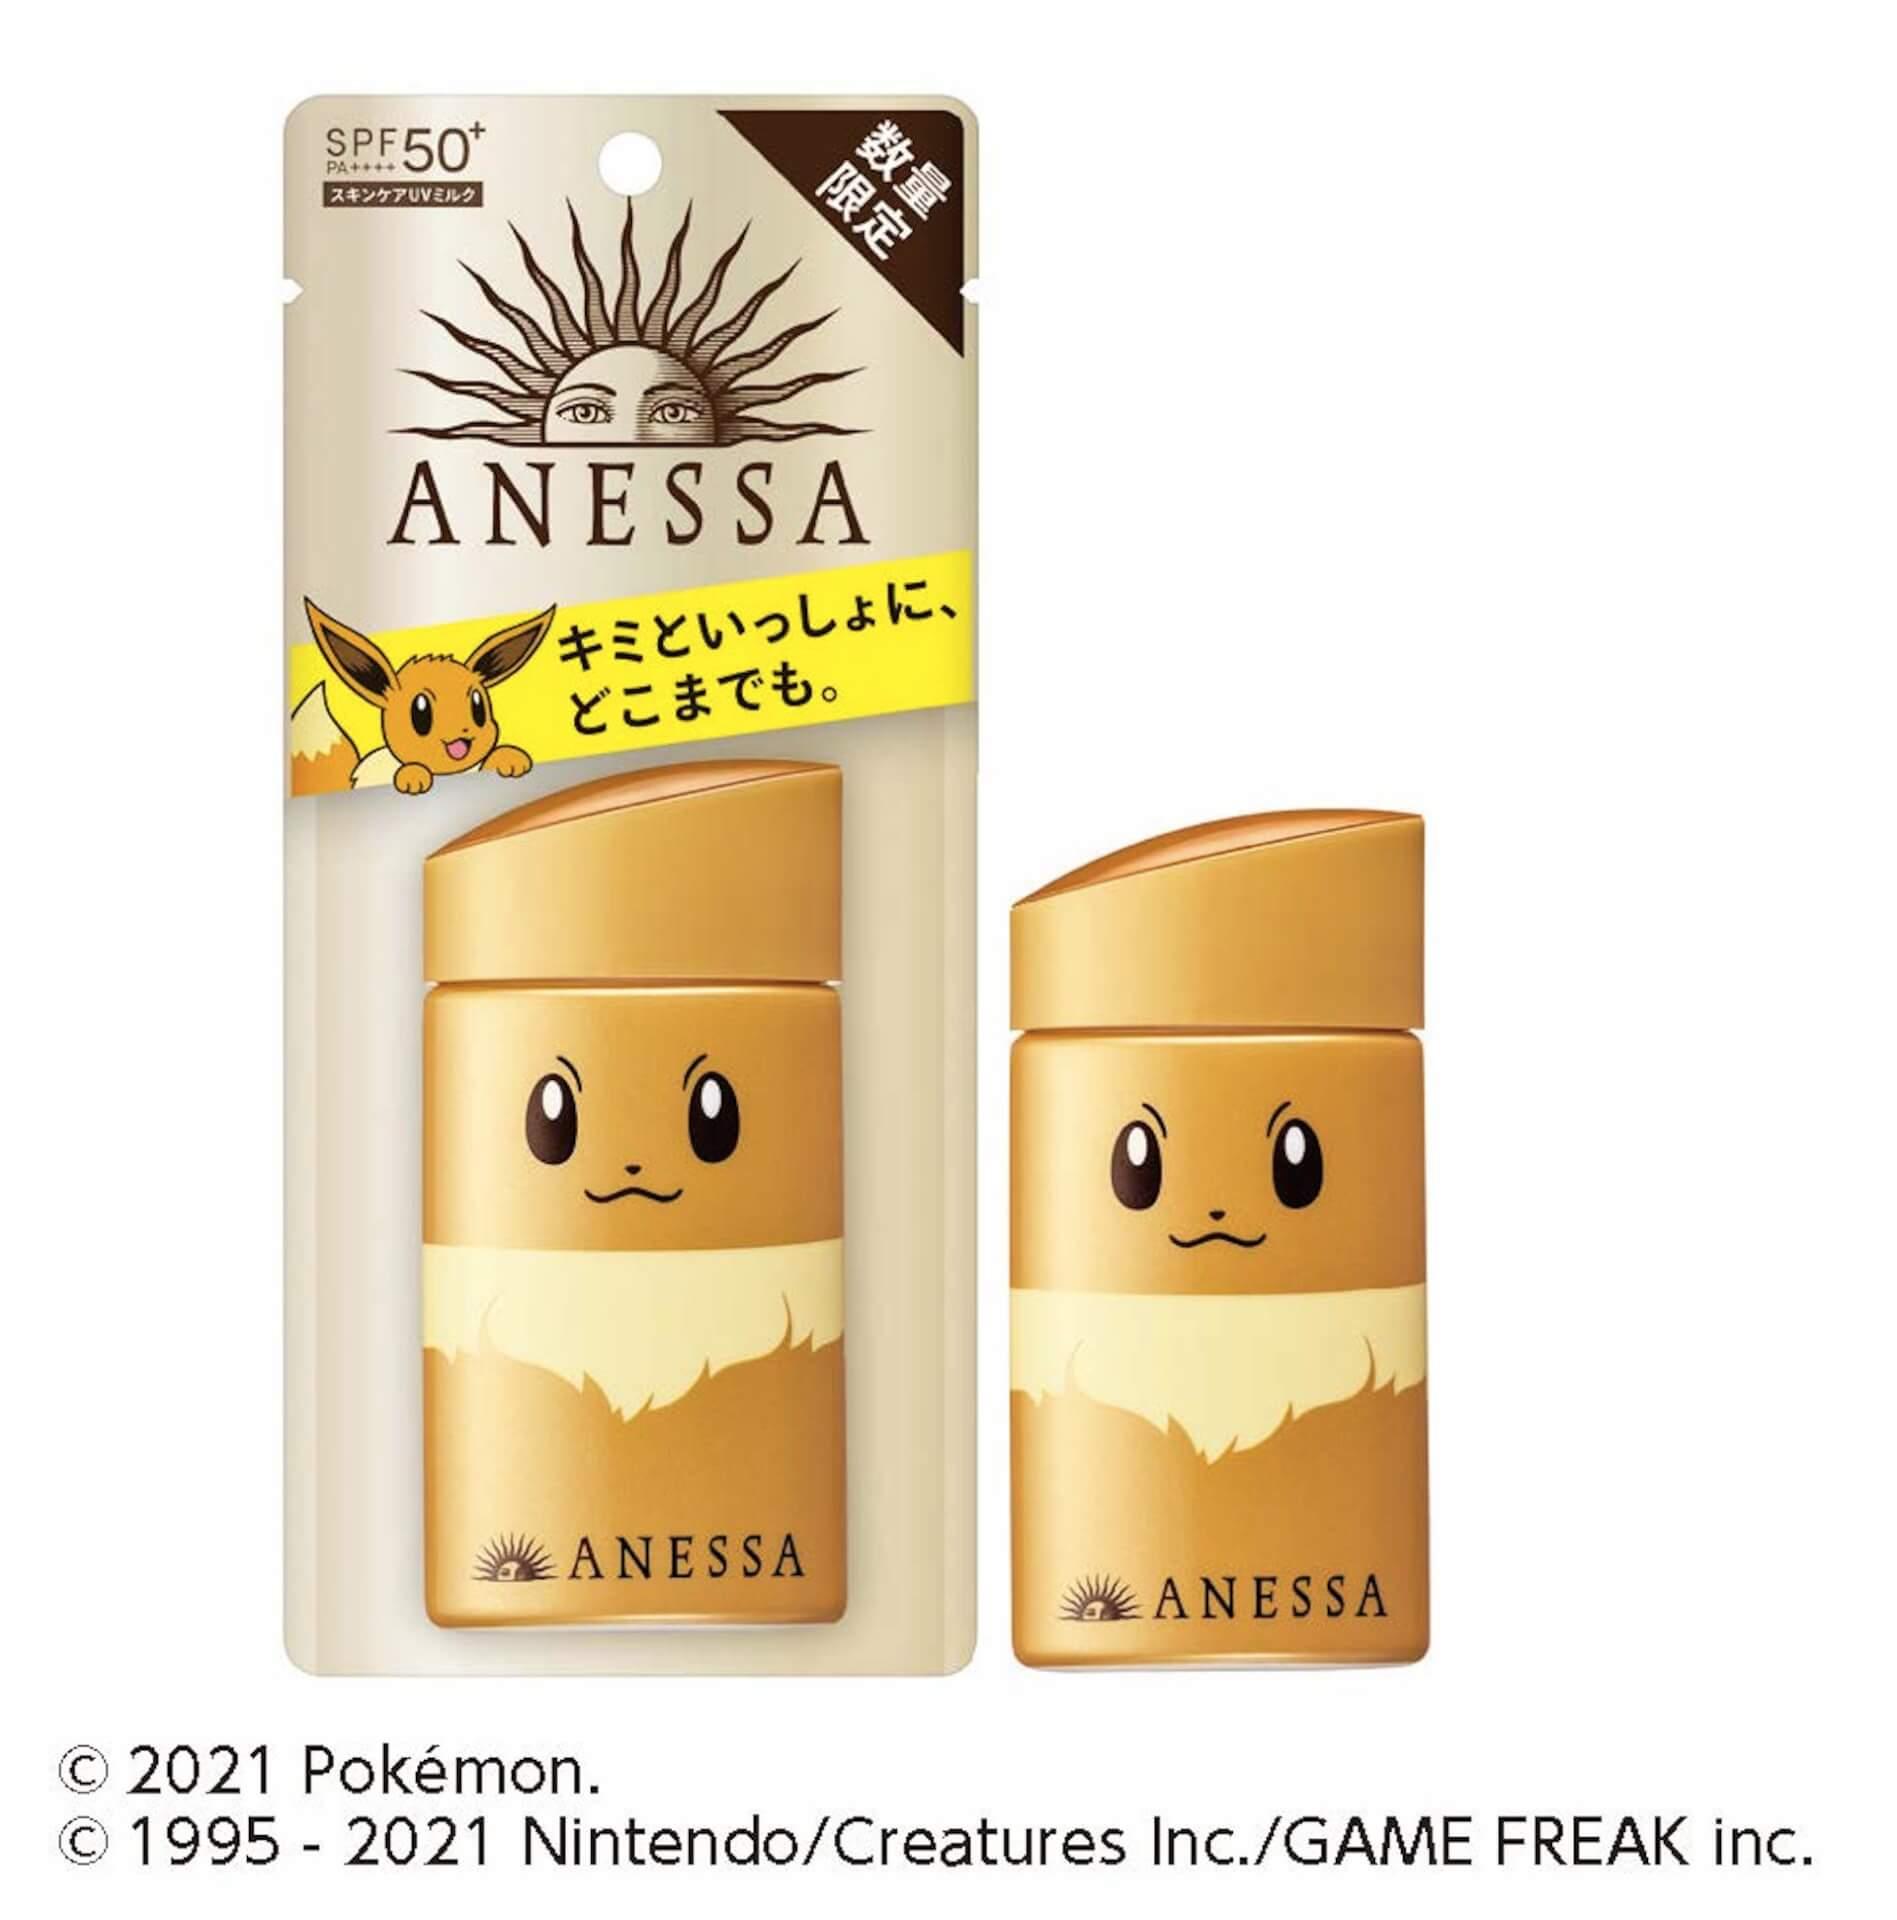 アネッサとポケモンのコラボが実現!ピカチュウ、イーブイ、ゼニガメの日焼け止めが数量限定で発売決定 life210226_pokemon_anessa_6